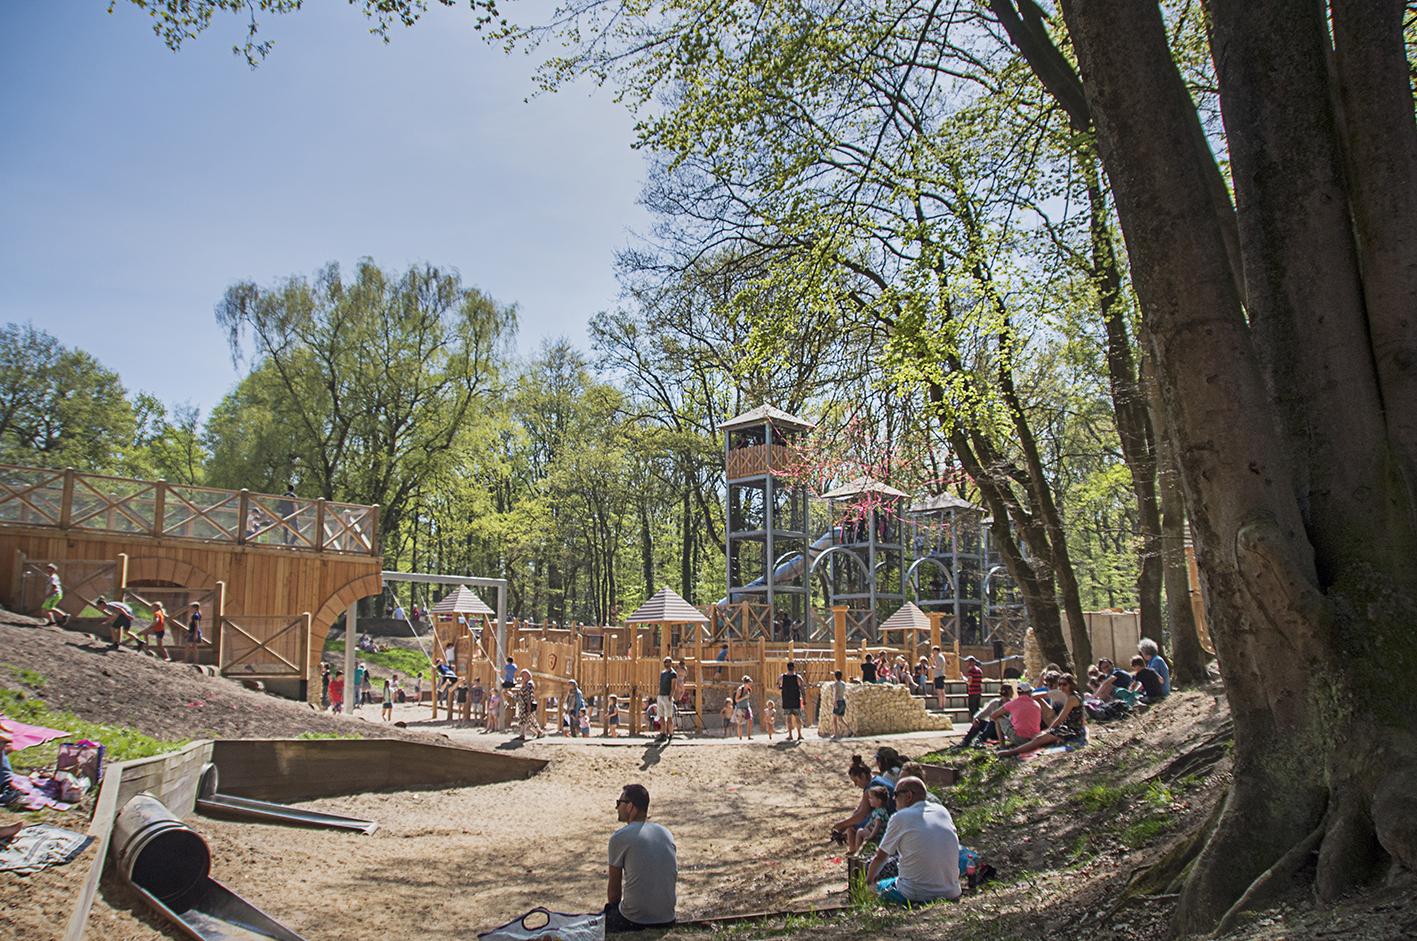 Ontdek het geheime fort van Noviomagus in speeltuin de Leemkuil